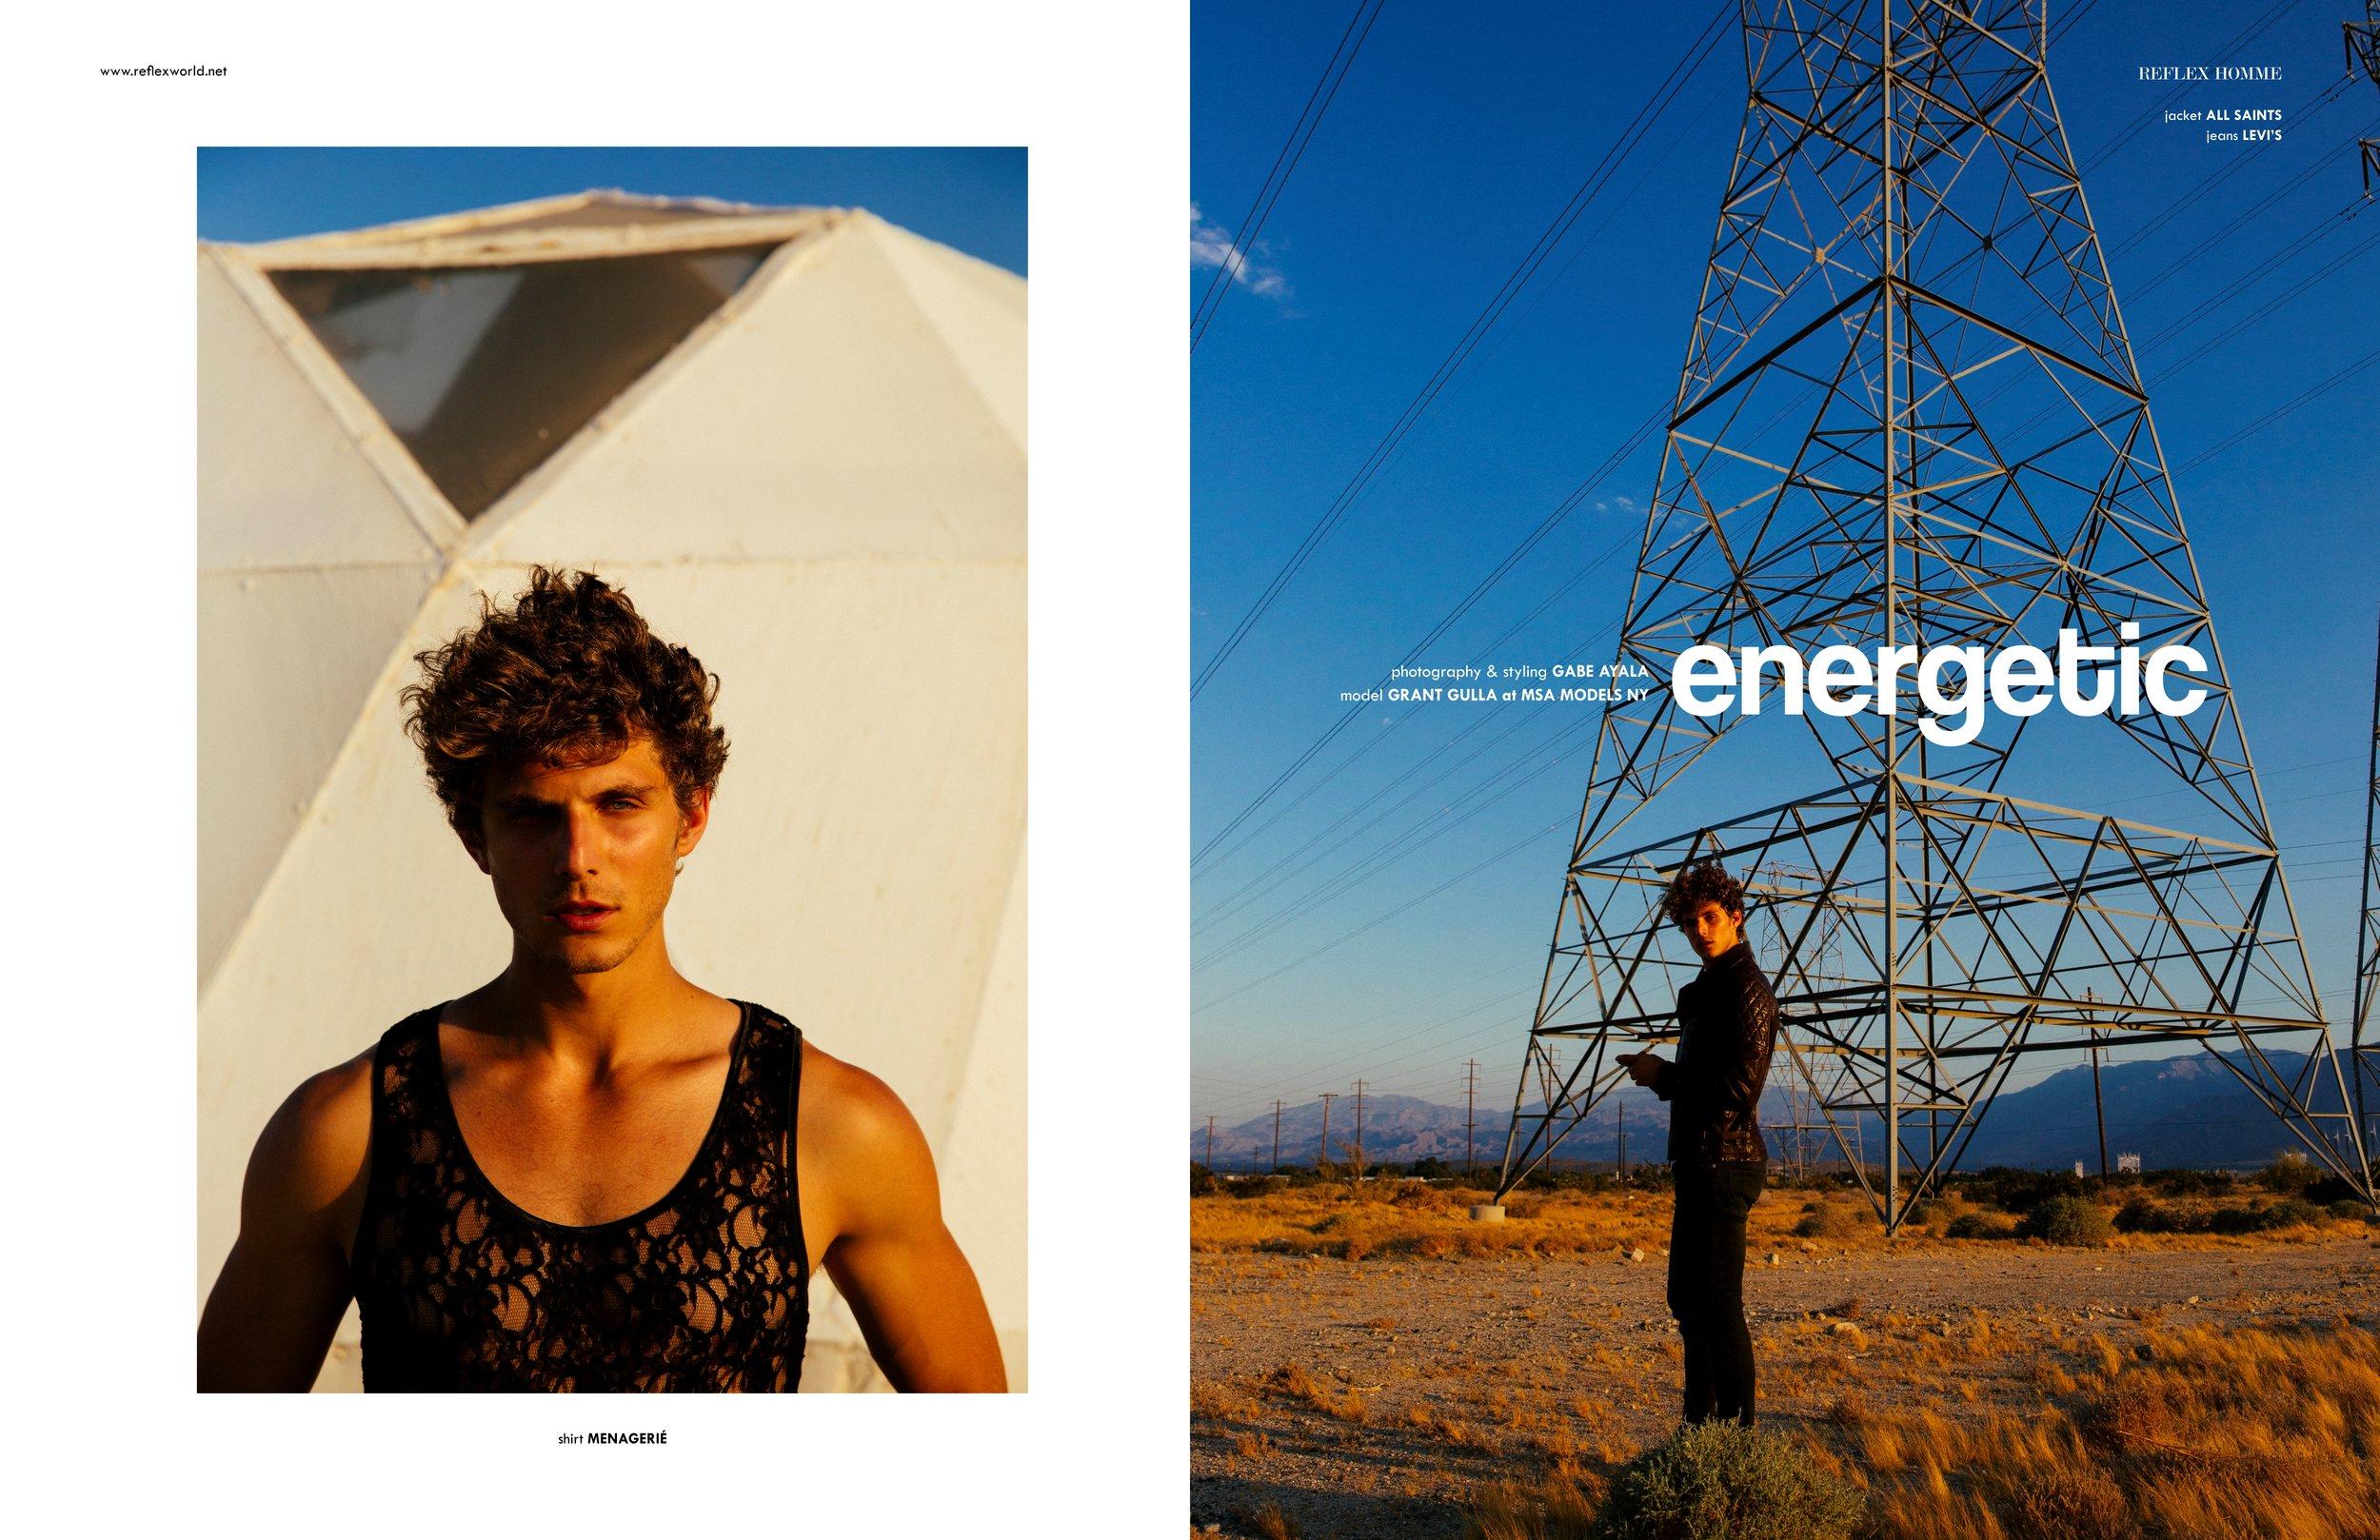 ENERGETIC hq 1.jpg